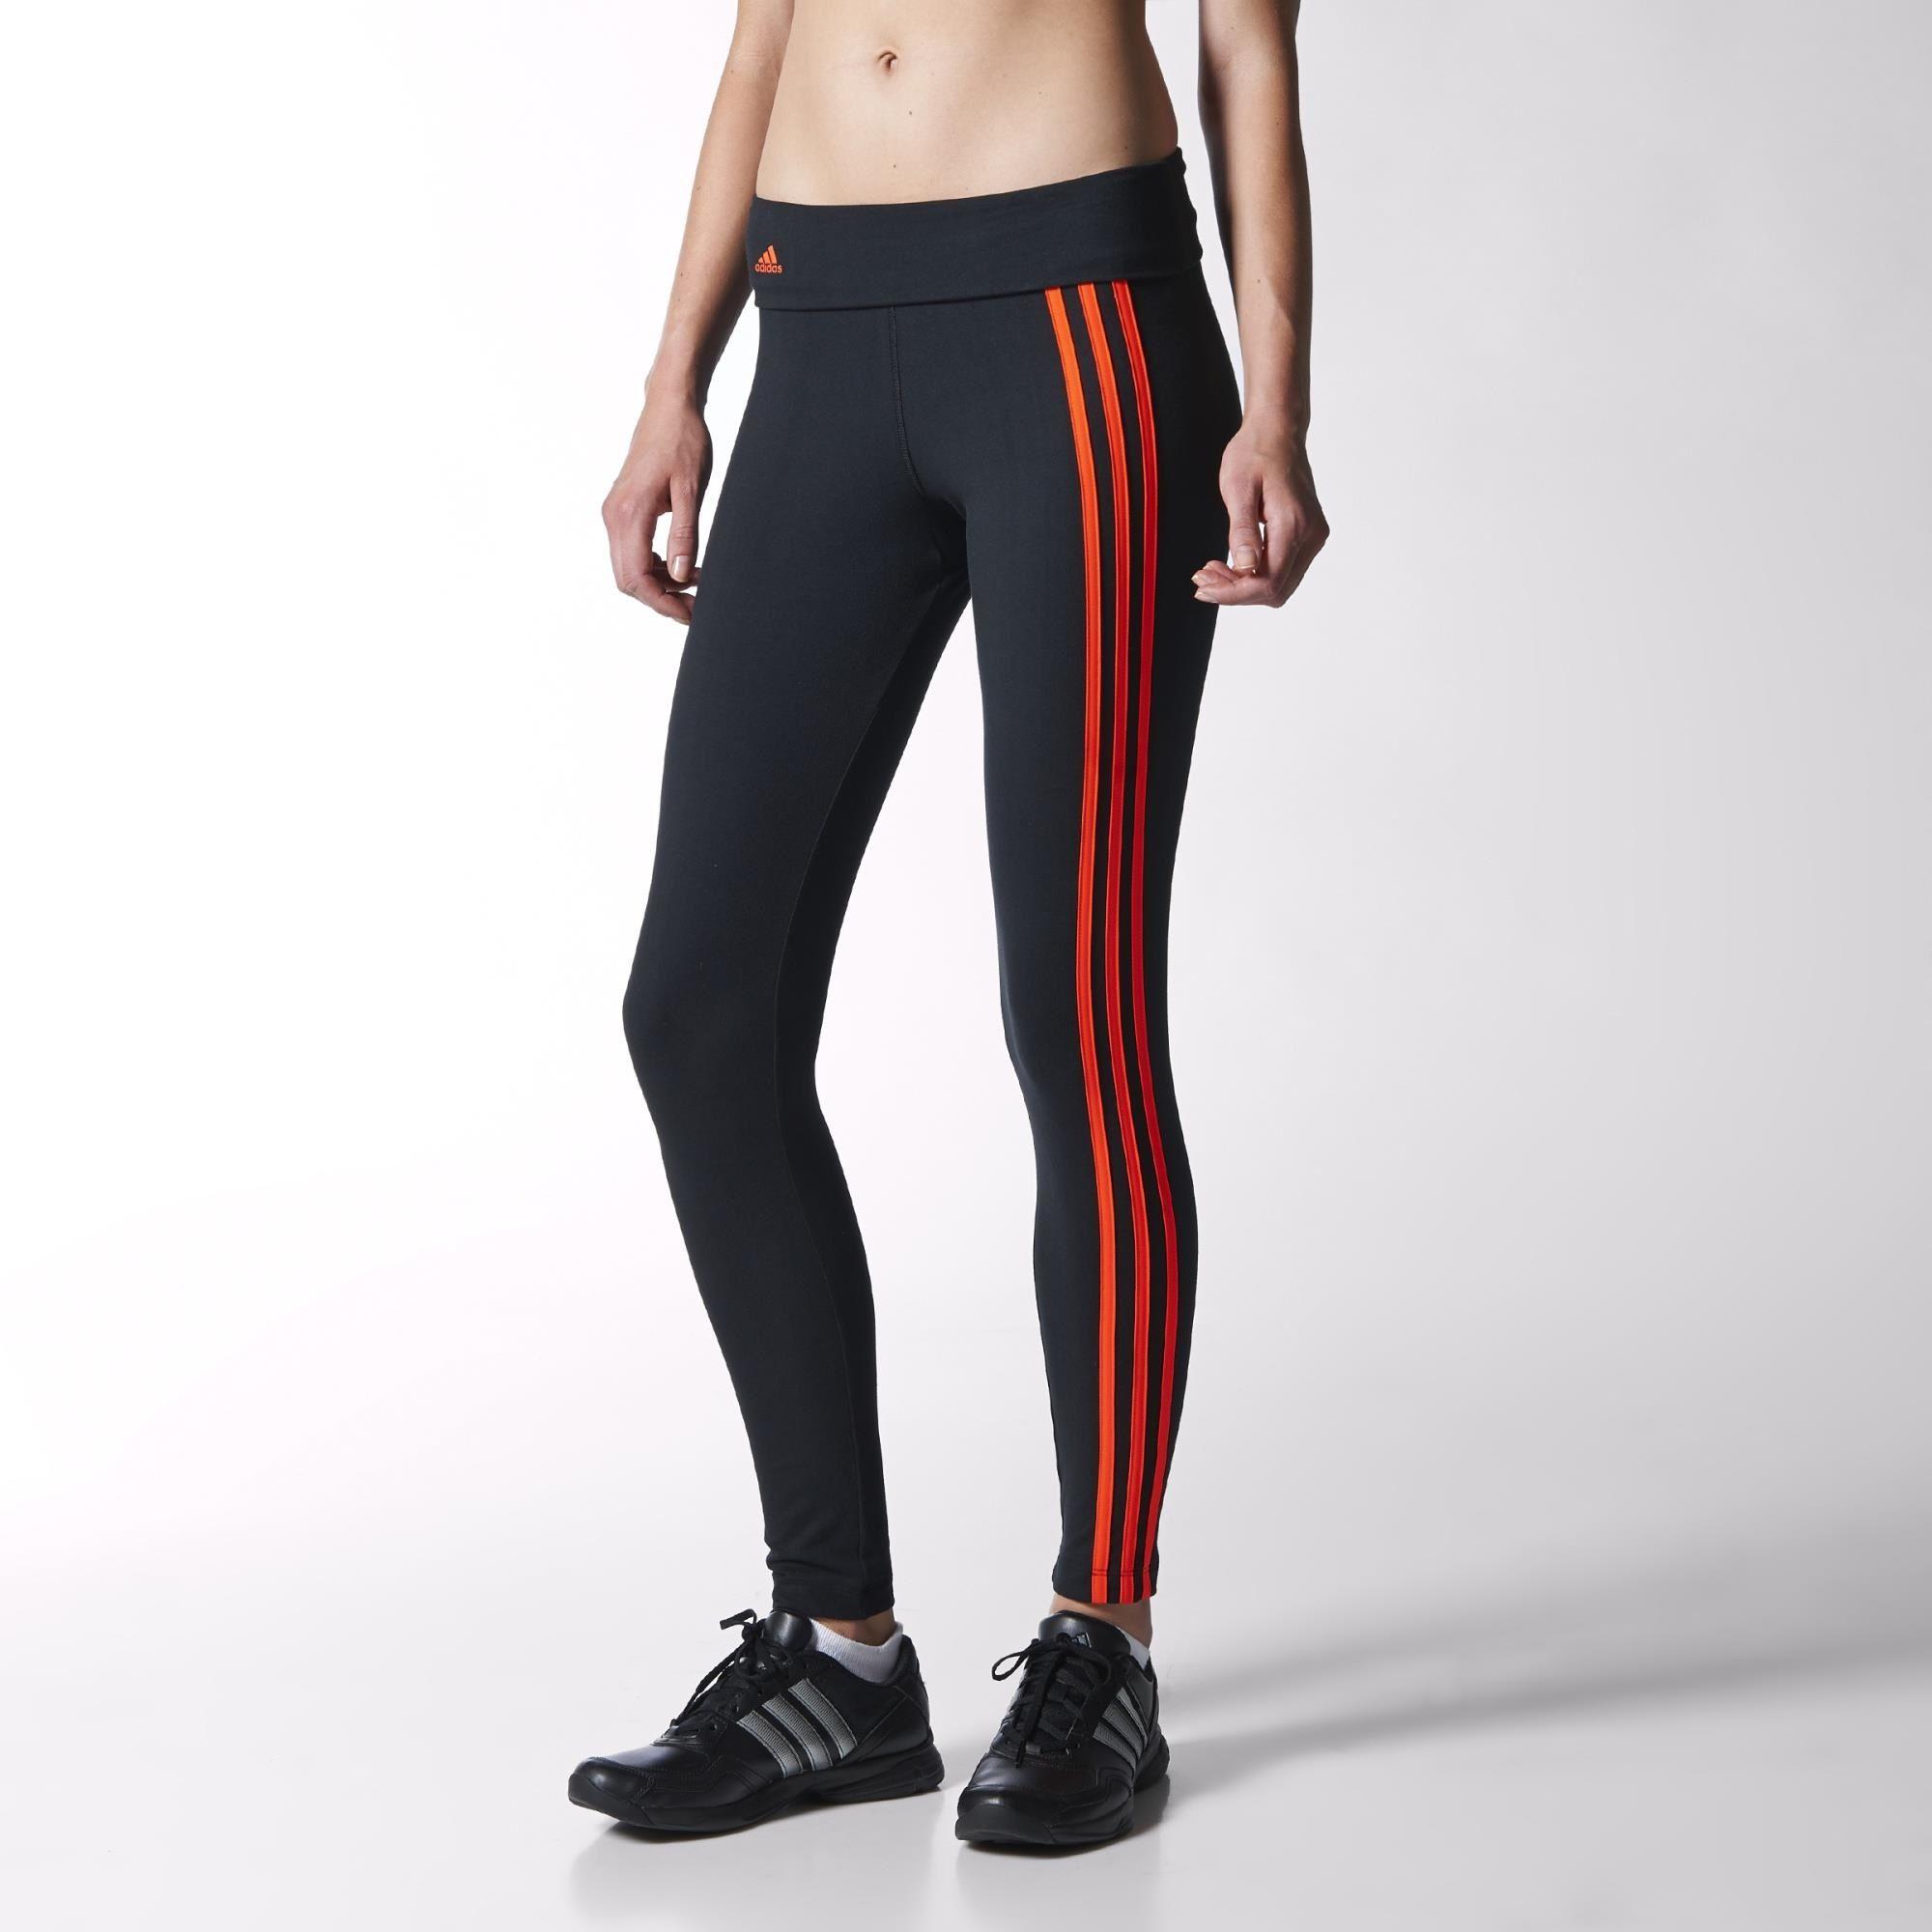 611c0e4f63262 Mallas Deportivas de Entrenamiento Seasonal Athletic Mujer